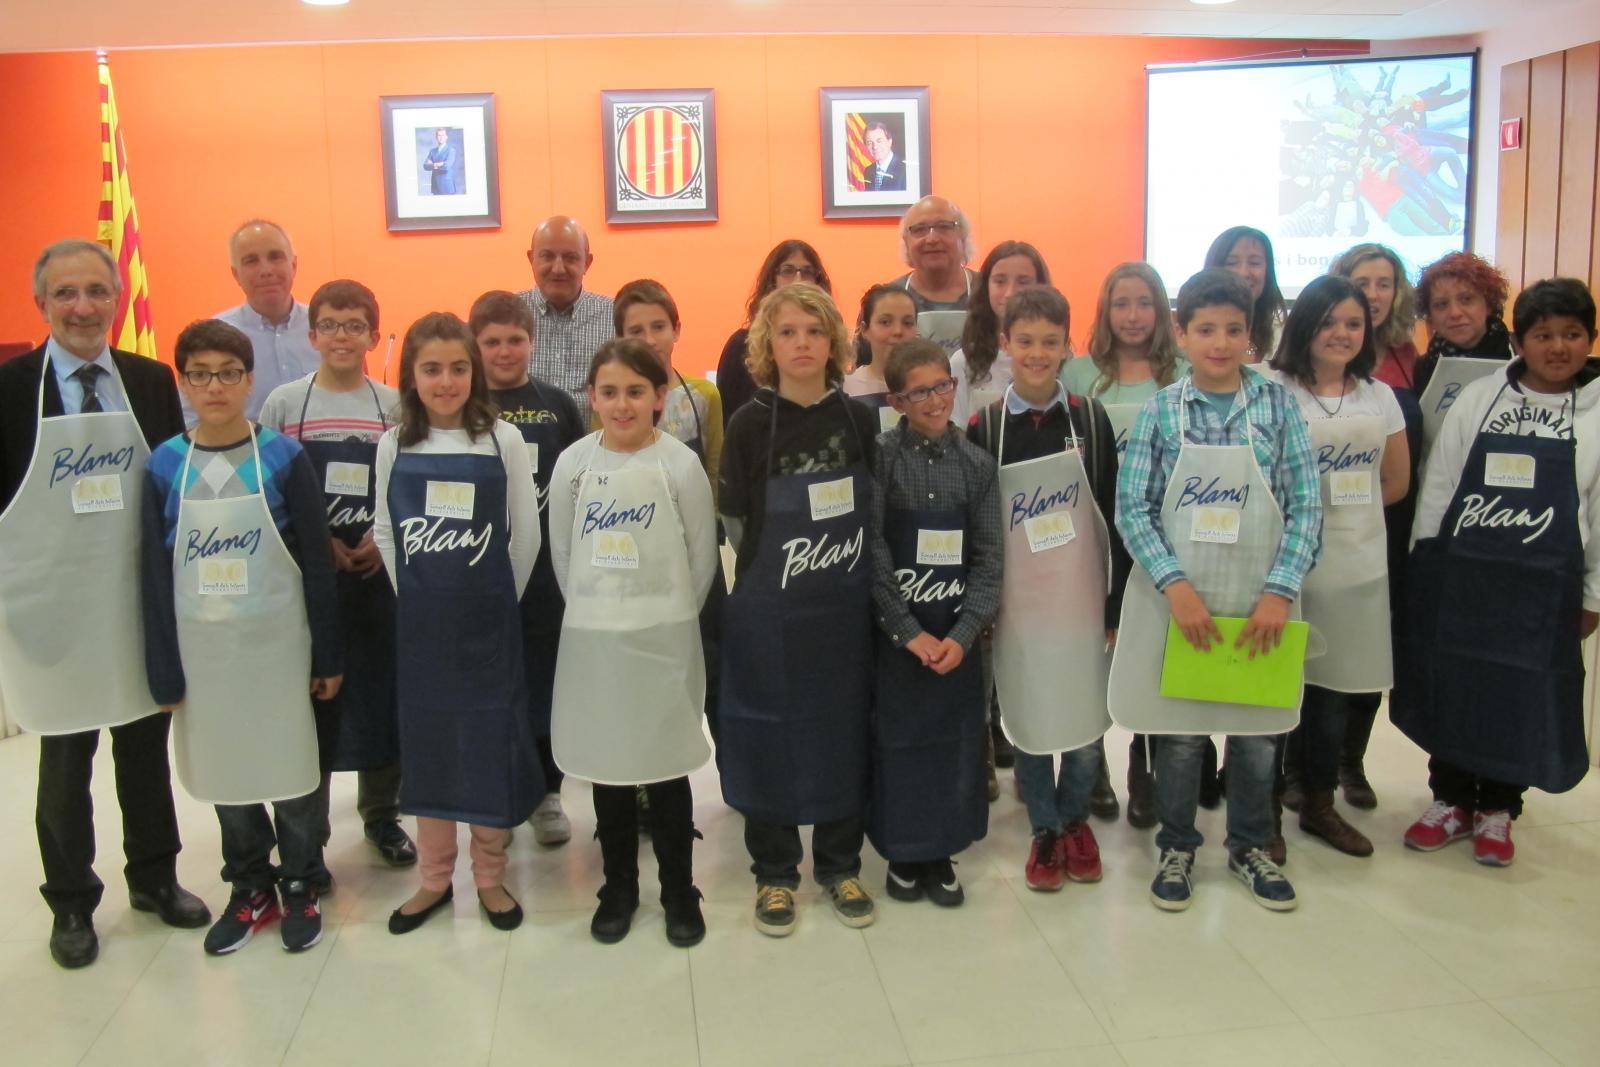 El Consell dels Infants vestits amb davantal de les colles de Blancs i Blaus perquè van fer la seva exposició sobre la Festa Major com a cuiners de la festa